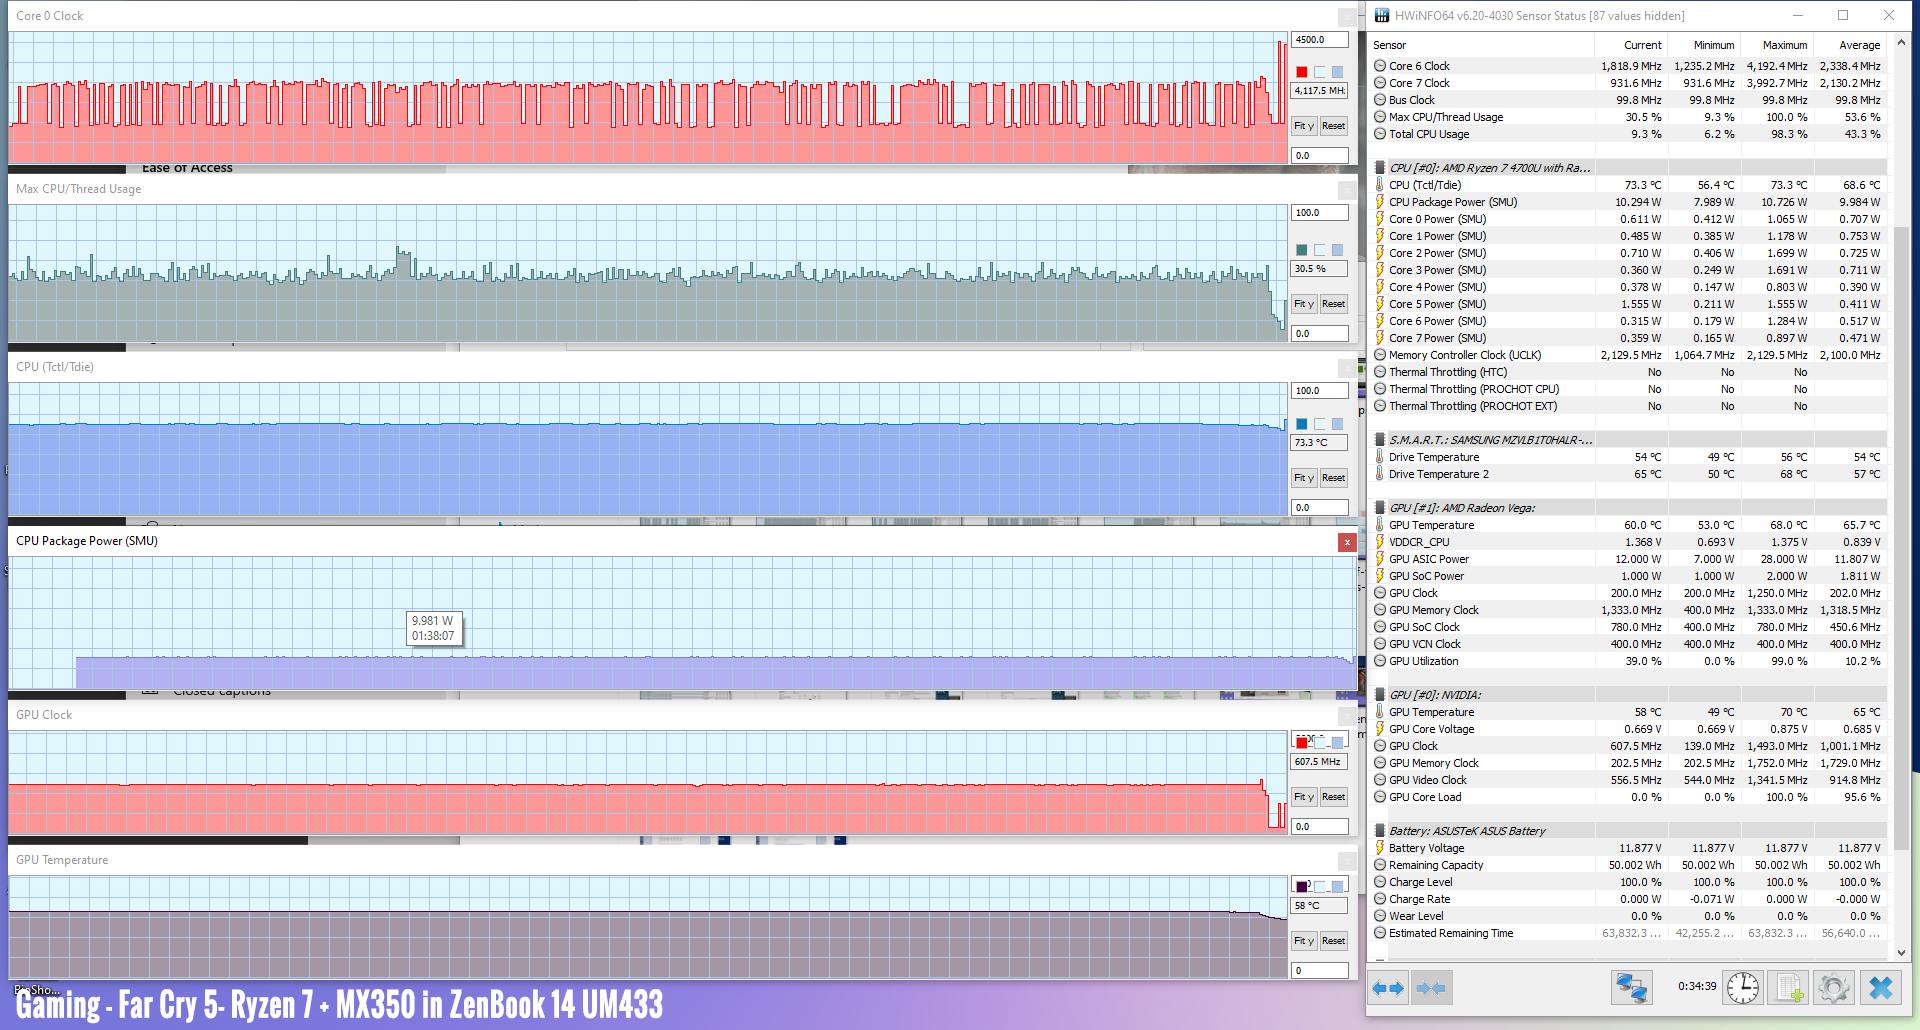 Amd Radeon Vega 8 Vs 7 Benchmarks And Gaming Results Vs Nvidia Mx350 And Mx250